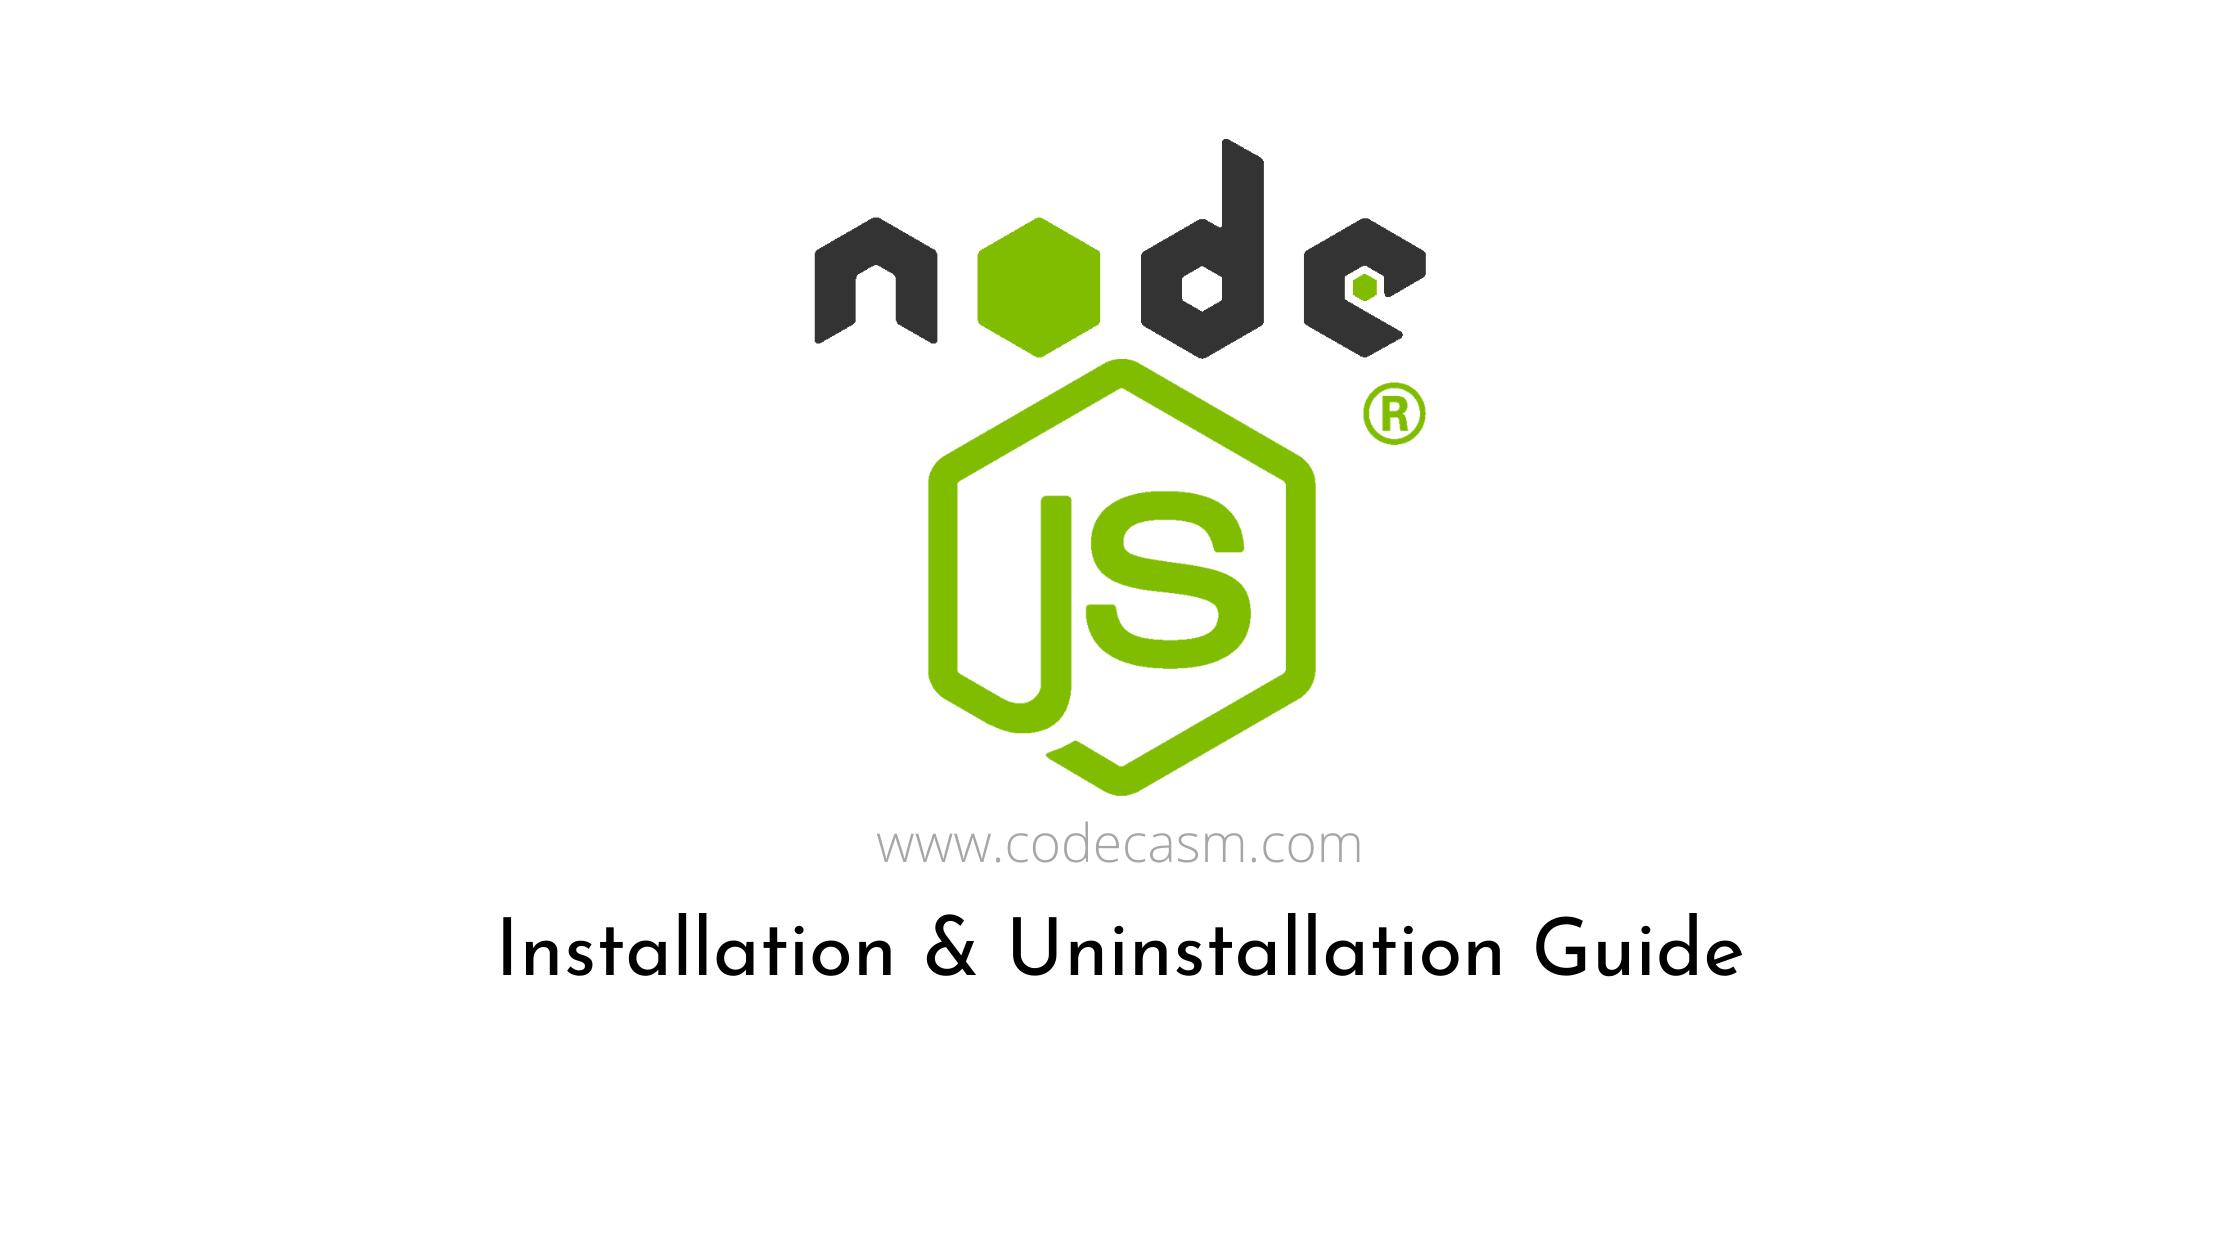 Installation-Uninstallation-Guide